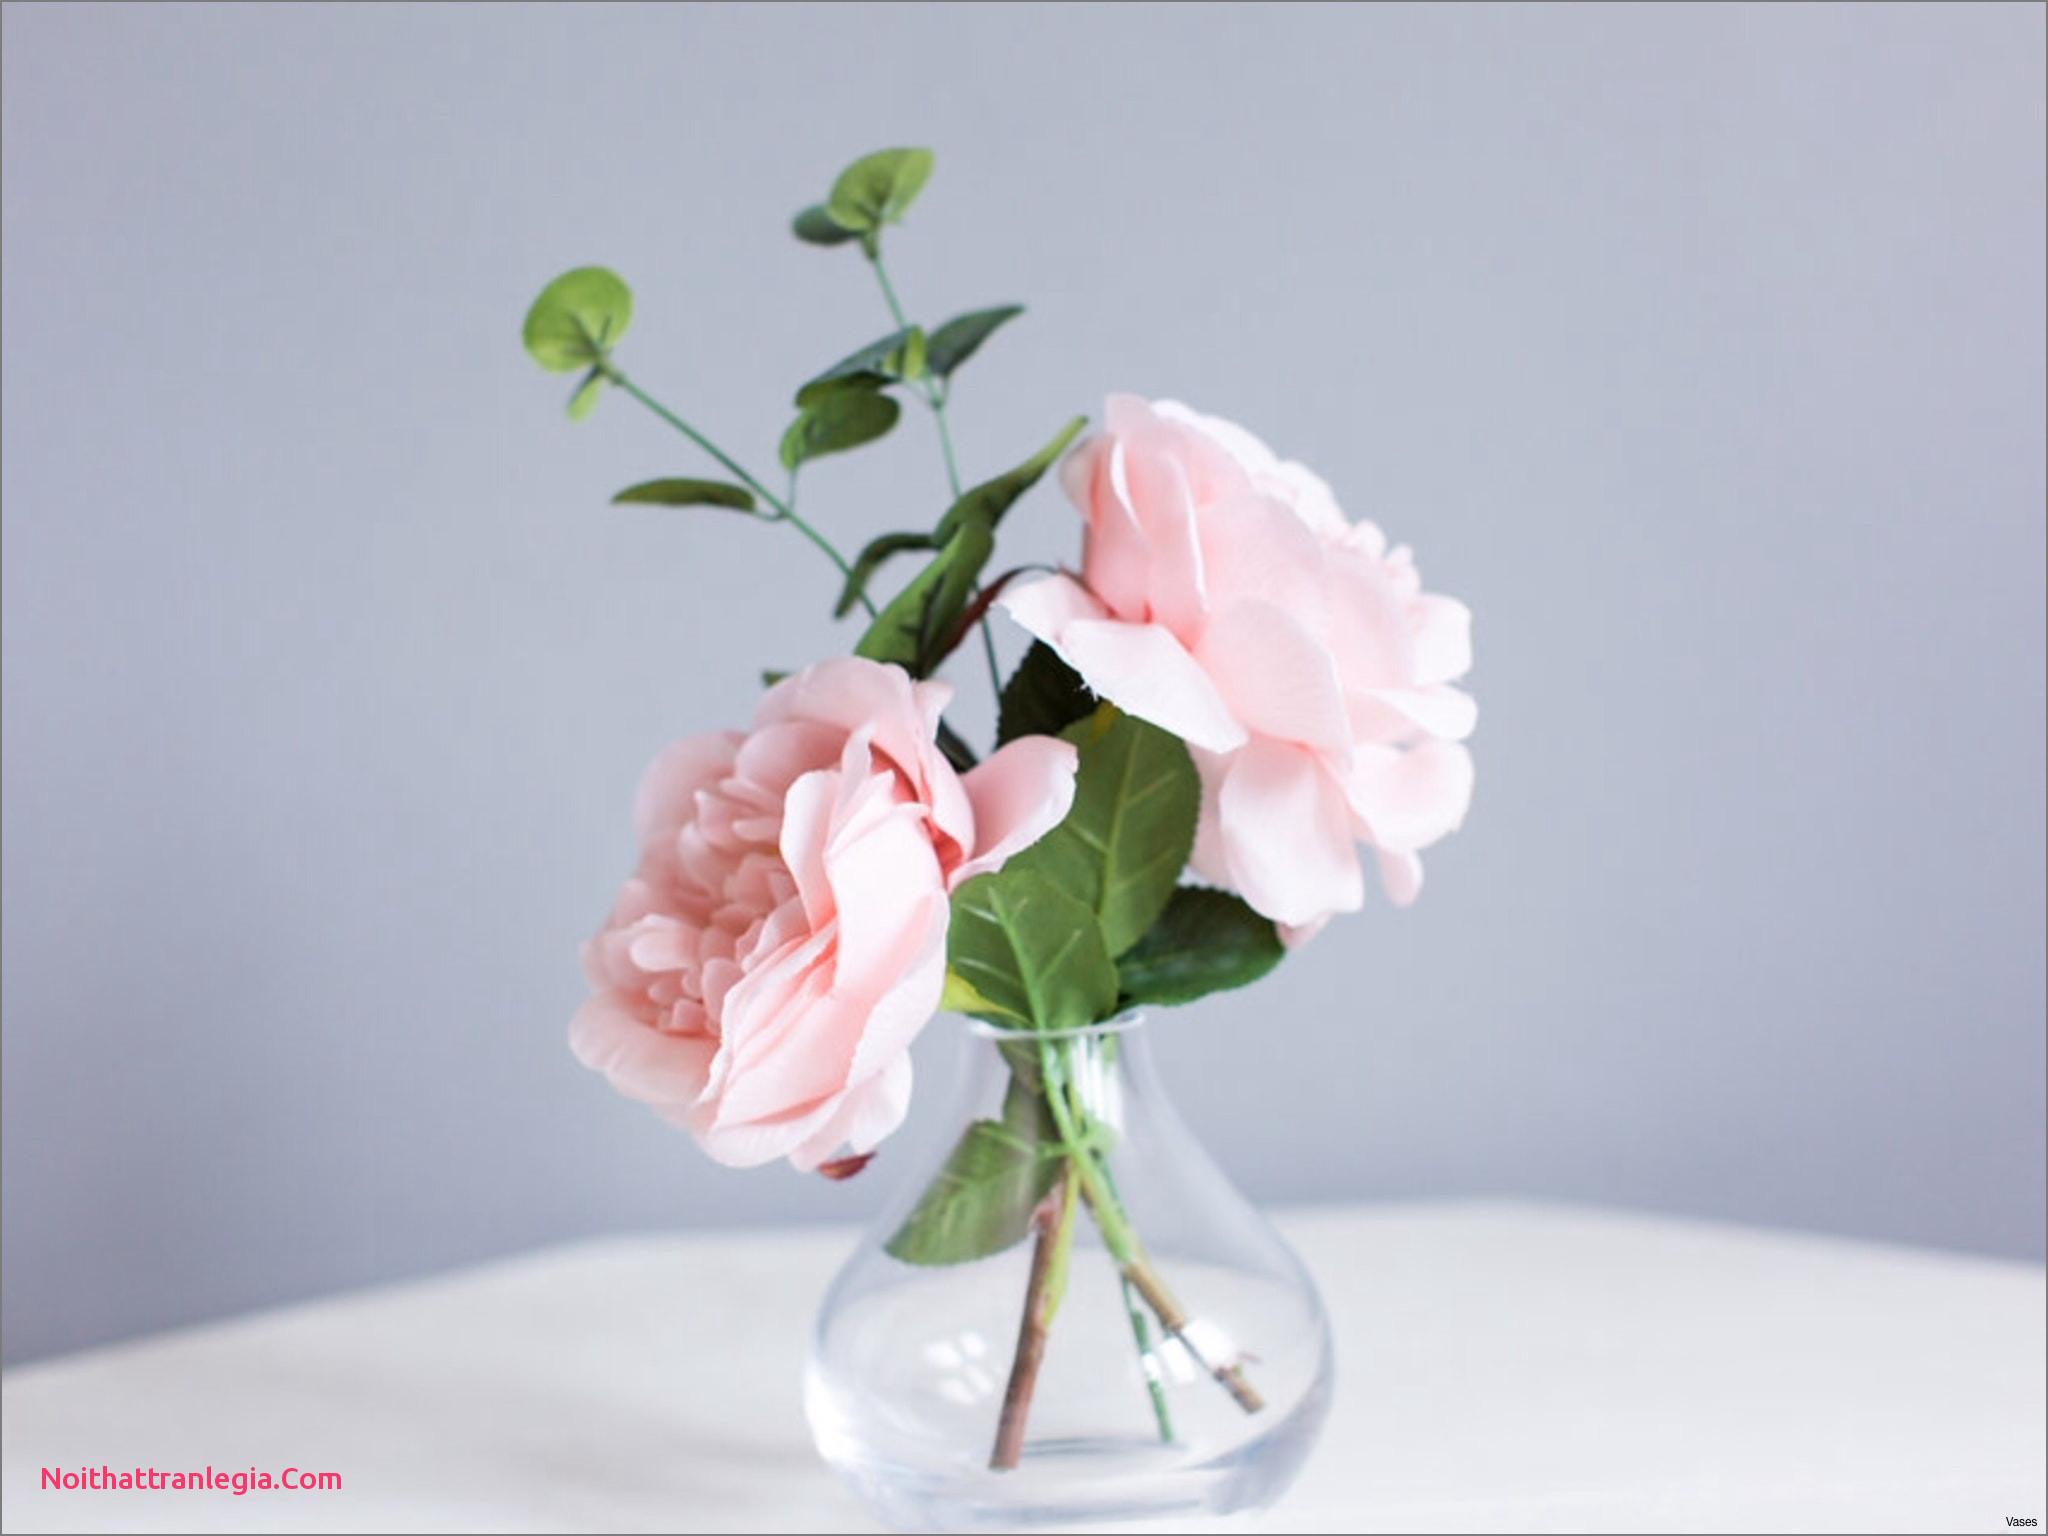 dollar tree tall glass vases of 20 wedding vases noithattranlegia vases design throughout cool wedding ideas as for h vases bud vase flower arrangements i 0d for inspiration design